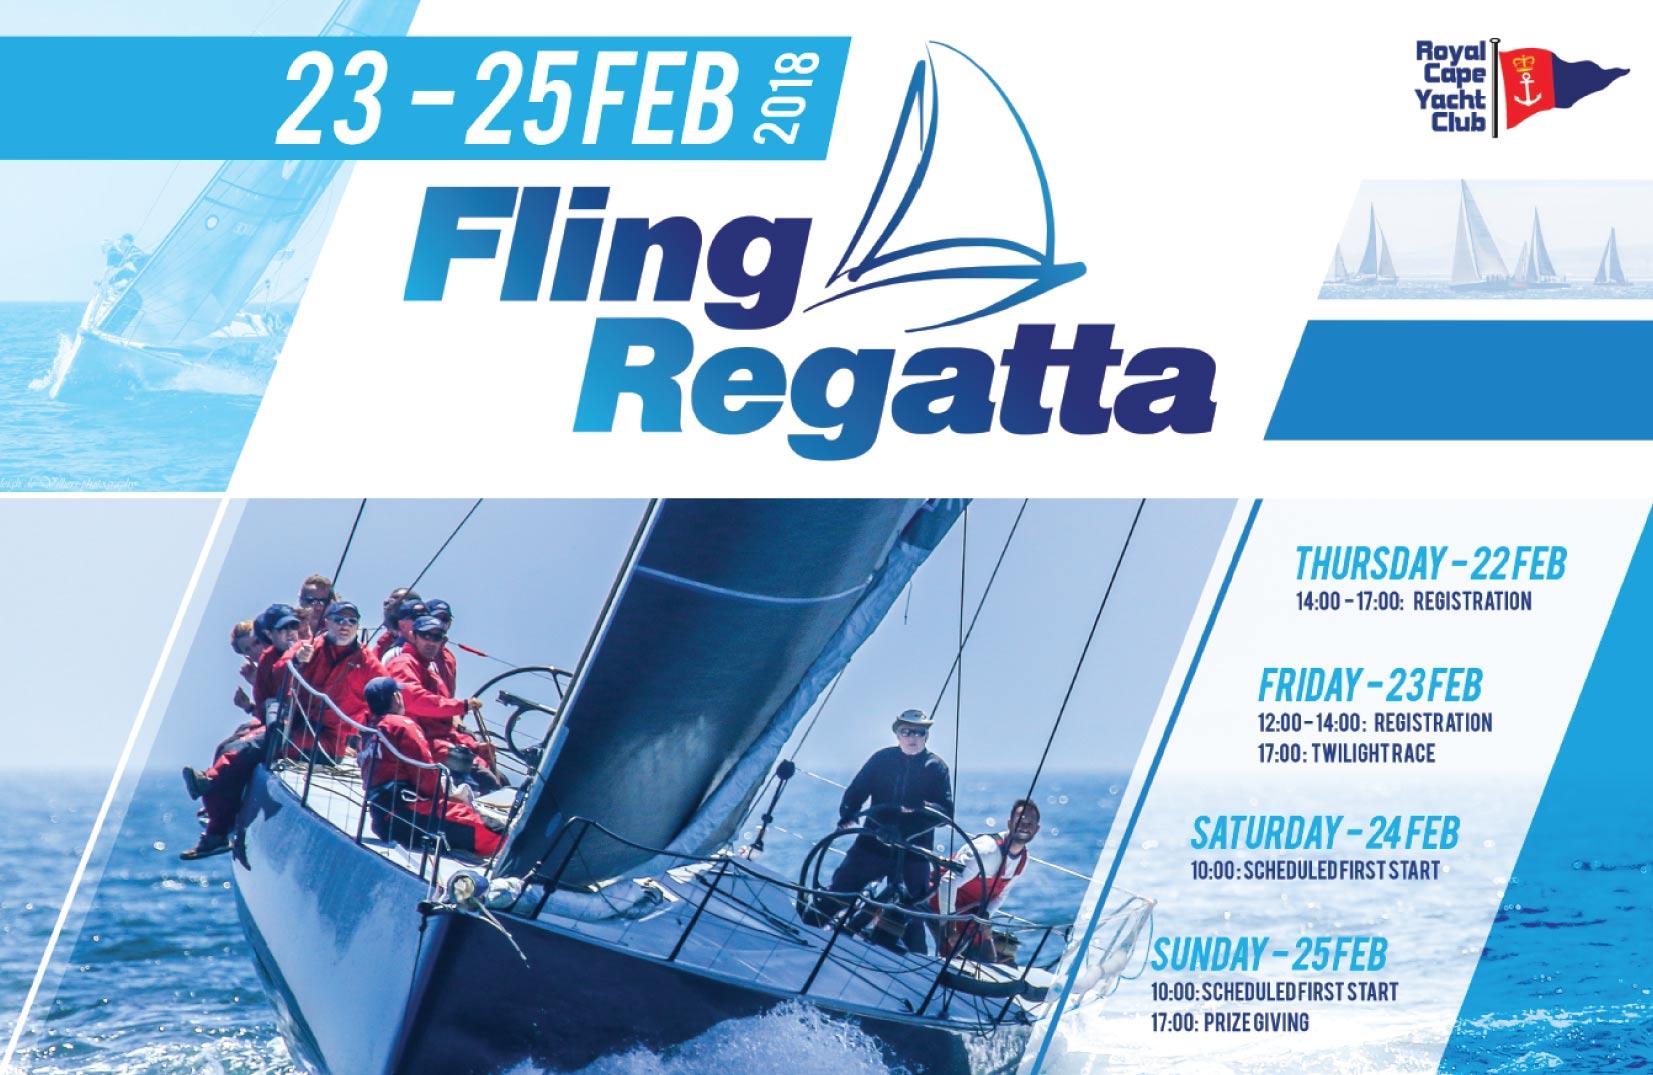 Fling Regatta 2018